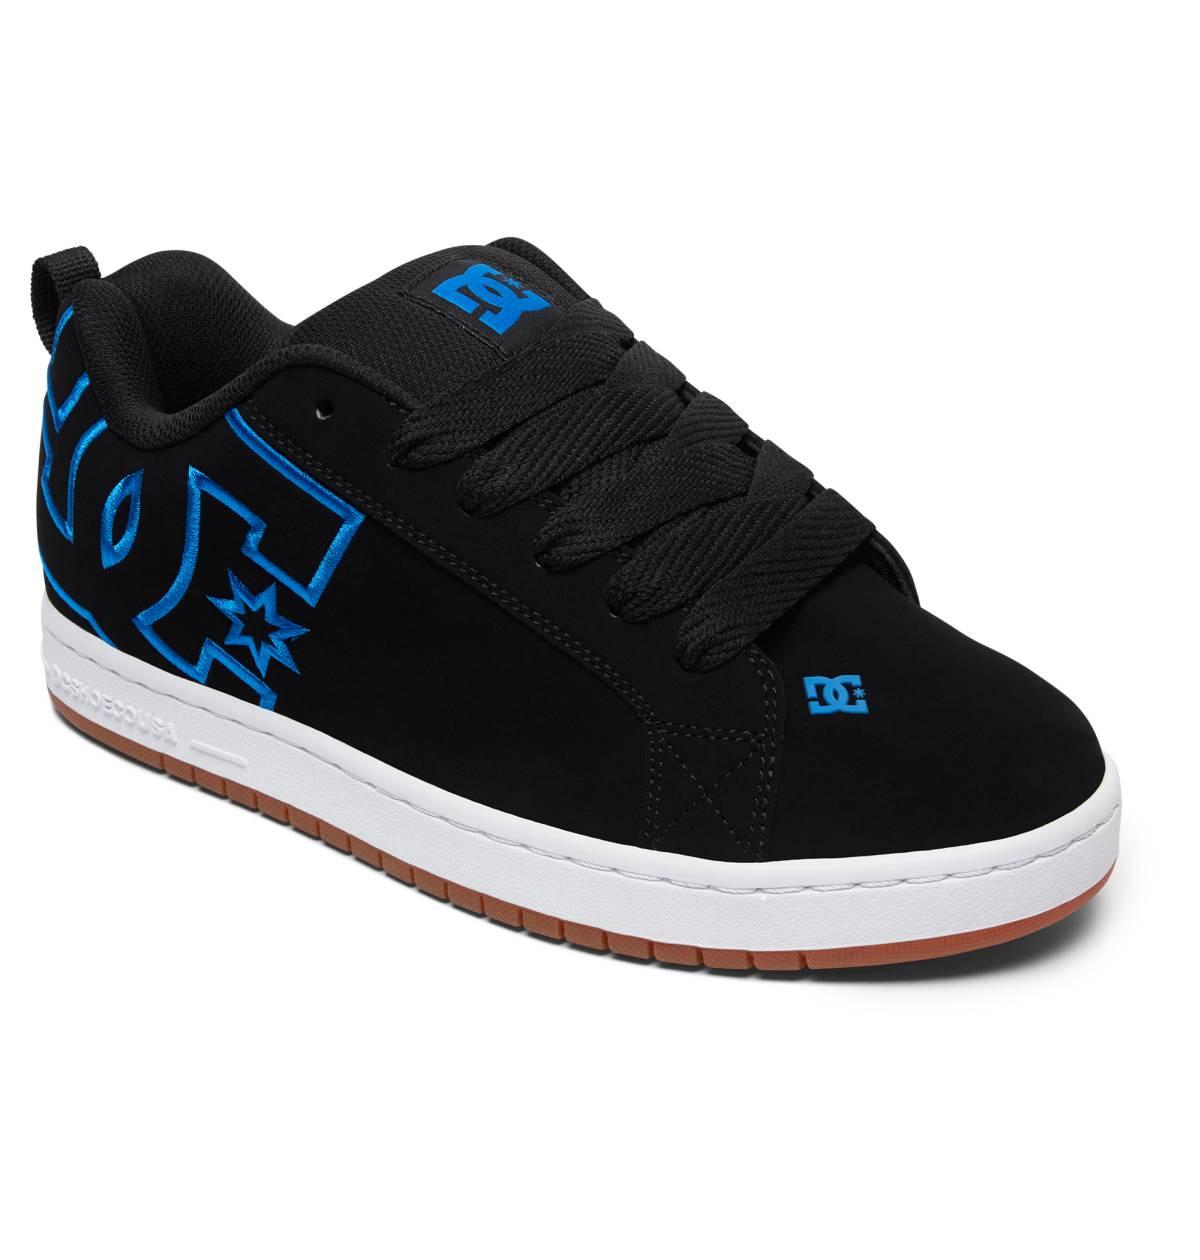 DC SHOES Court Graffik Sneaker Freizeitschuhe Skateschuhe schwarz Blau Leder